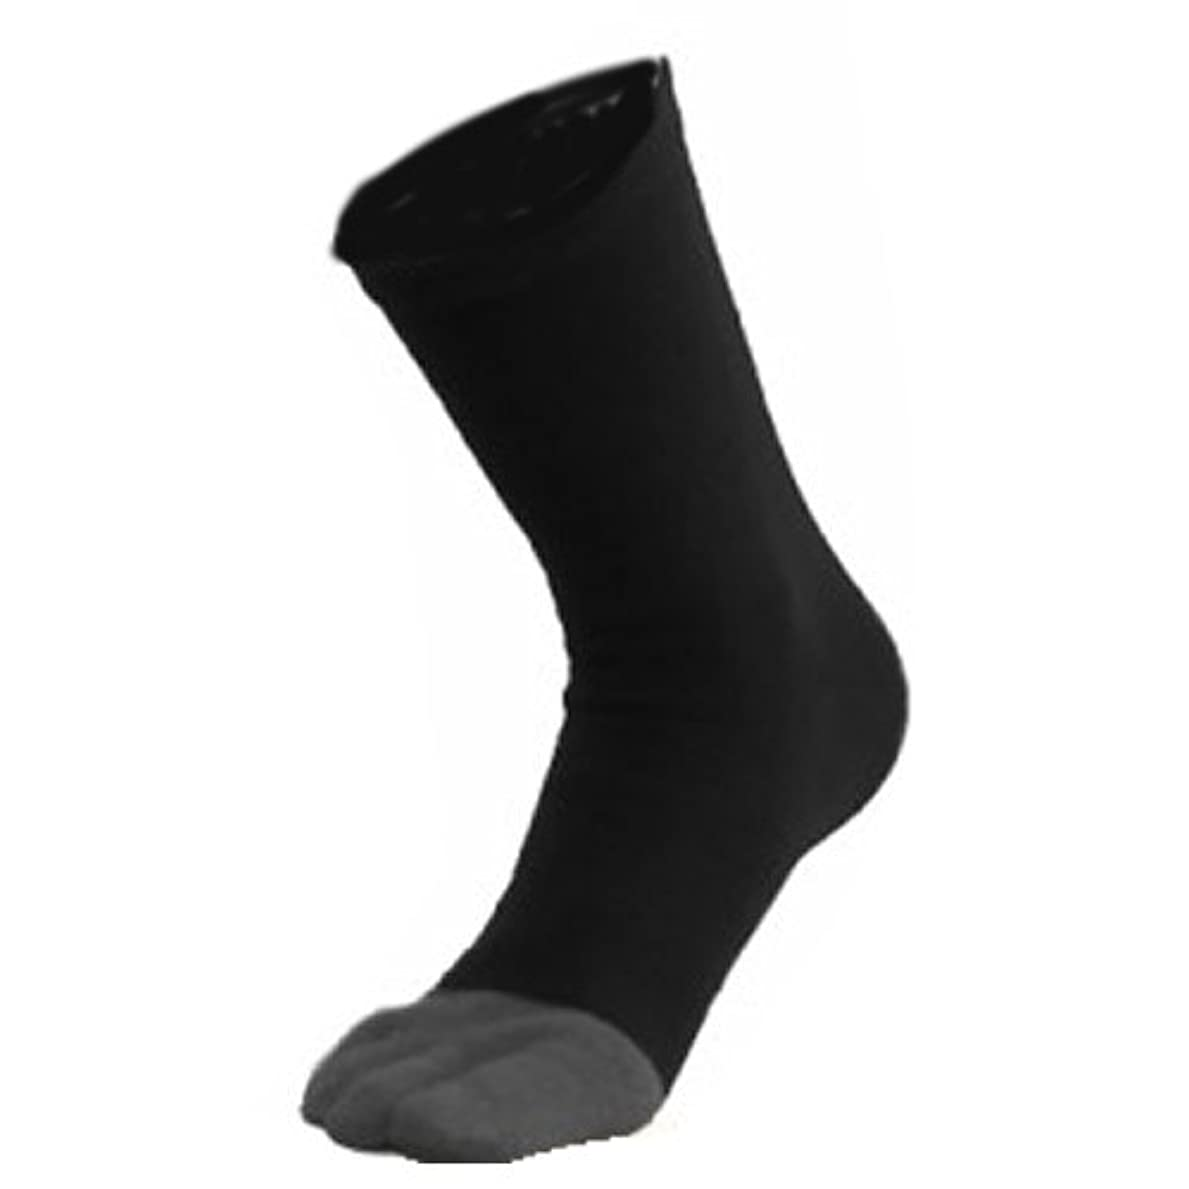 熱心スーパーマーケット使用法指先まであったか靴下 ブラック×チャコールグレー